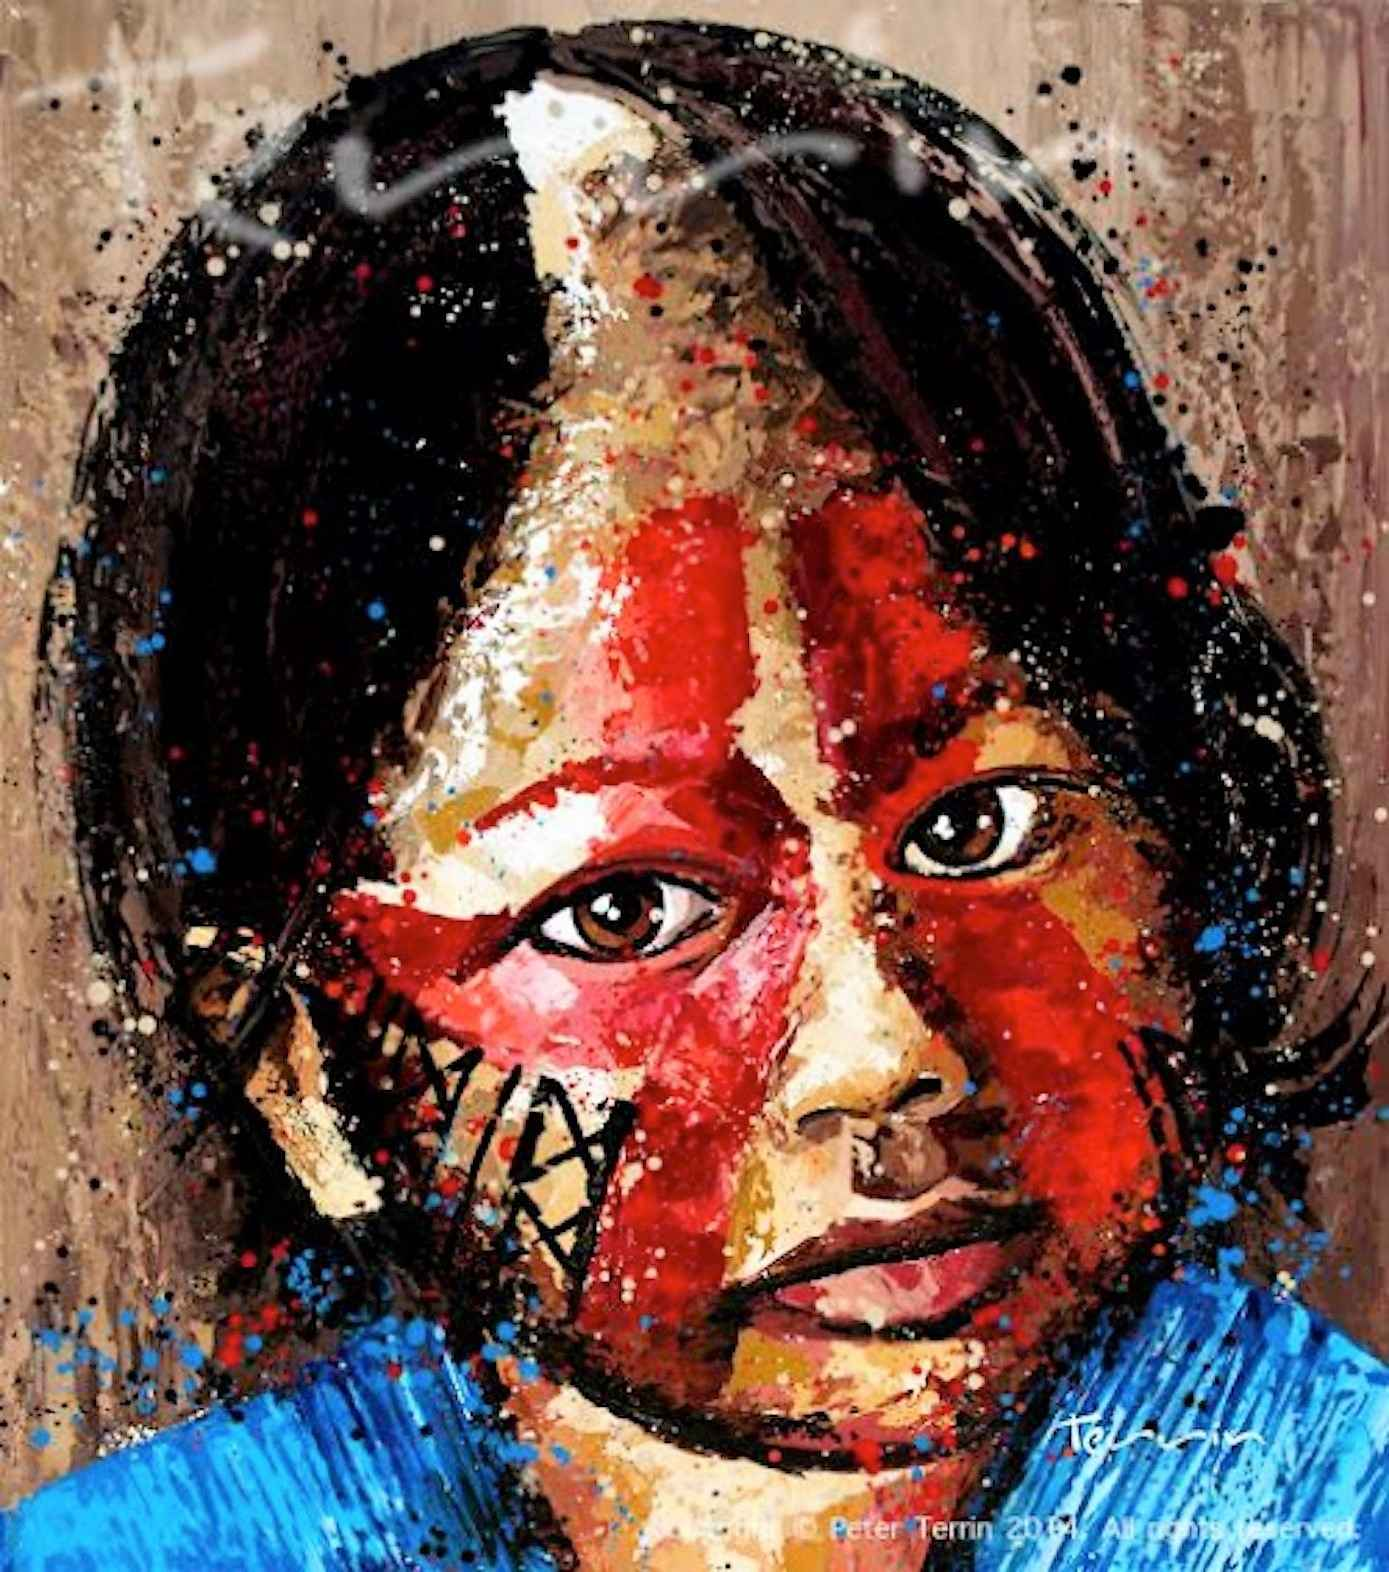 MEPRIRE (CHILD) by Mr. PETER TERRIN - Masterpiece Online